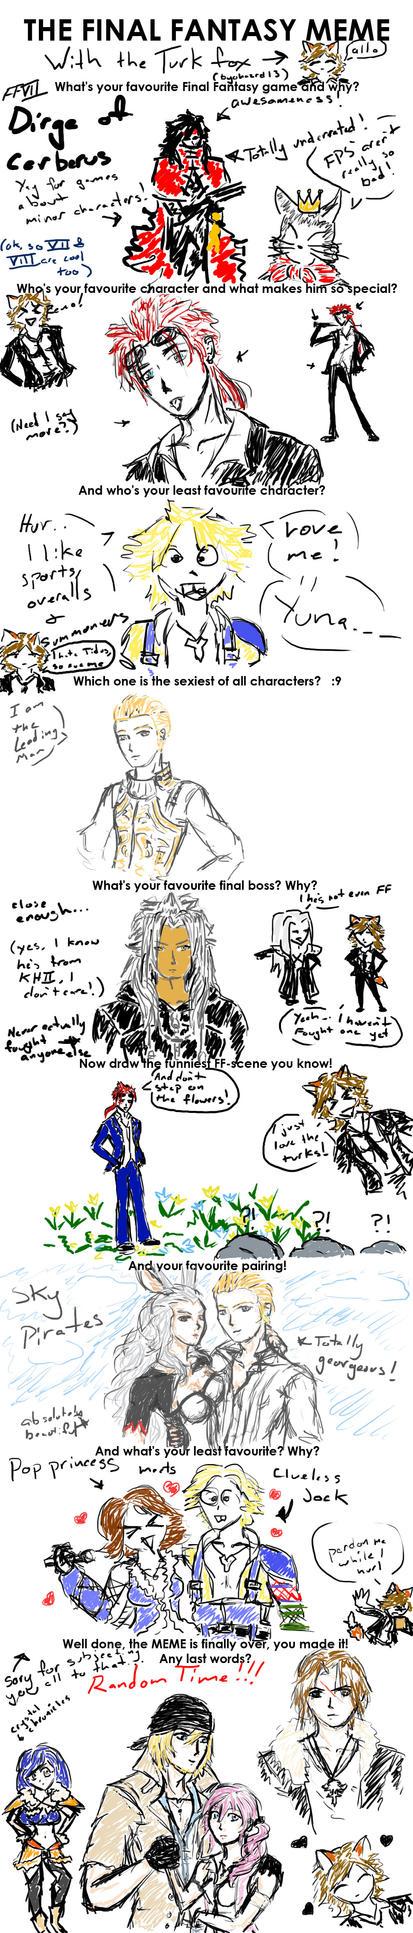 The Final Fantasy Meme by Byohazrd13